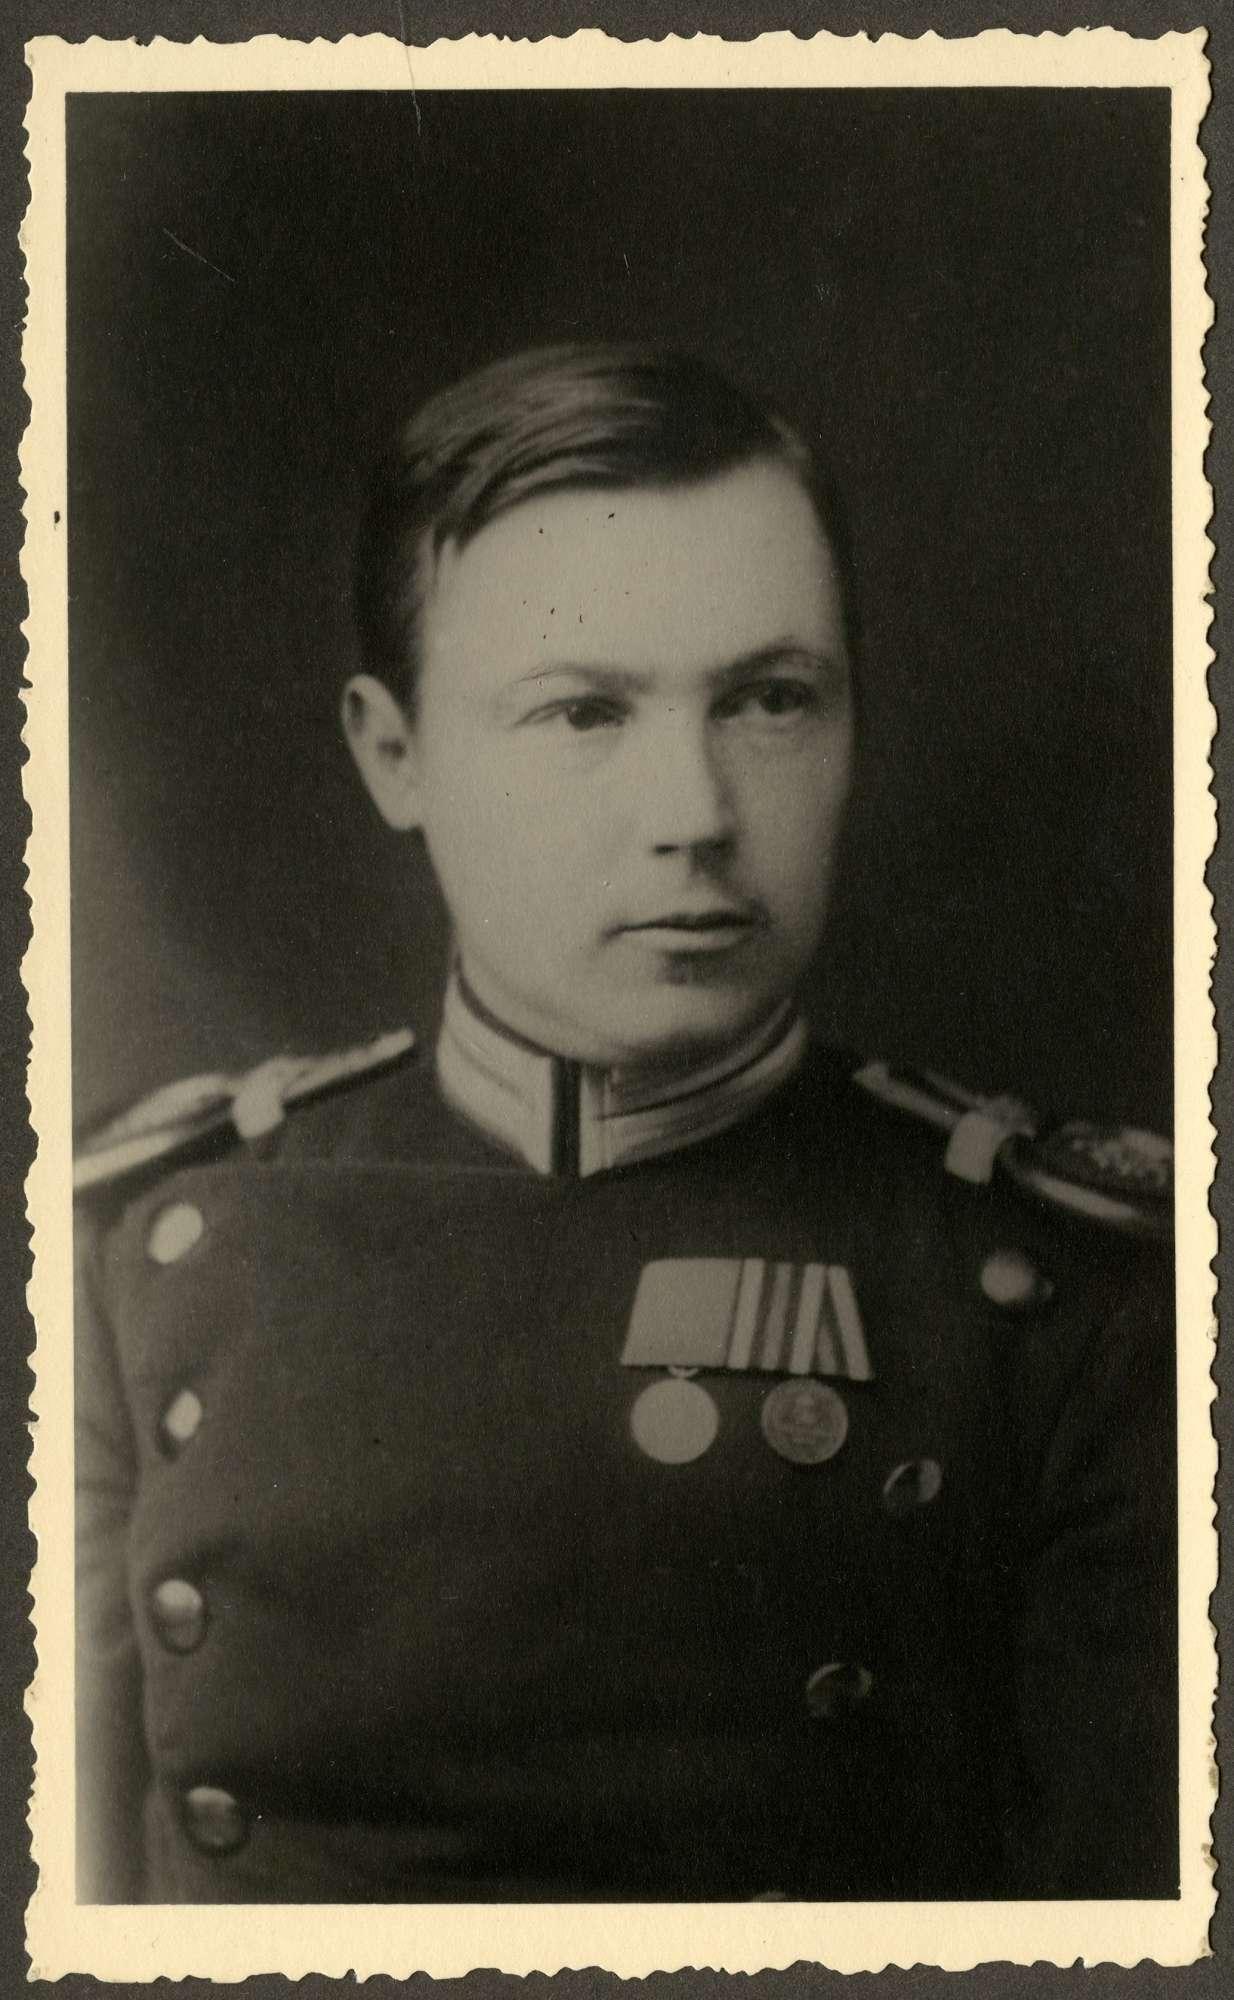 Schönleber, Theodor, Dr. ing. h. c., Bild 1